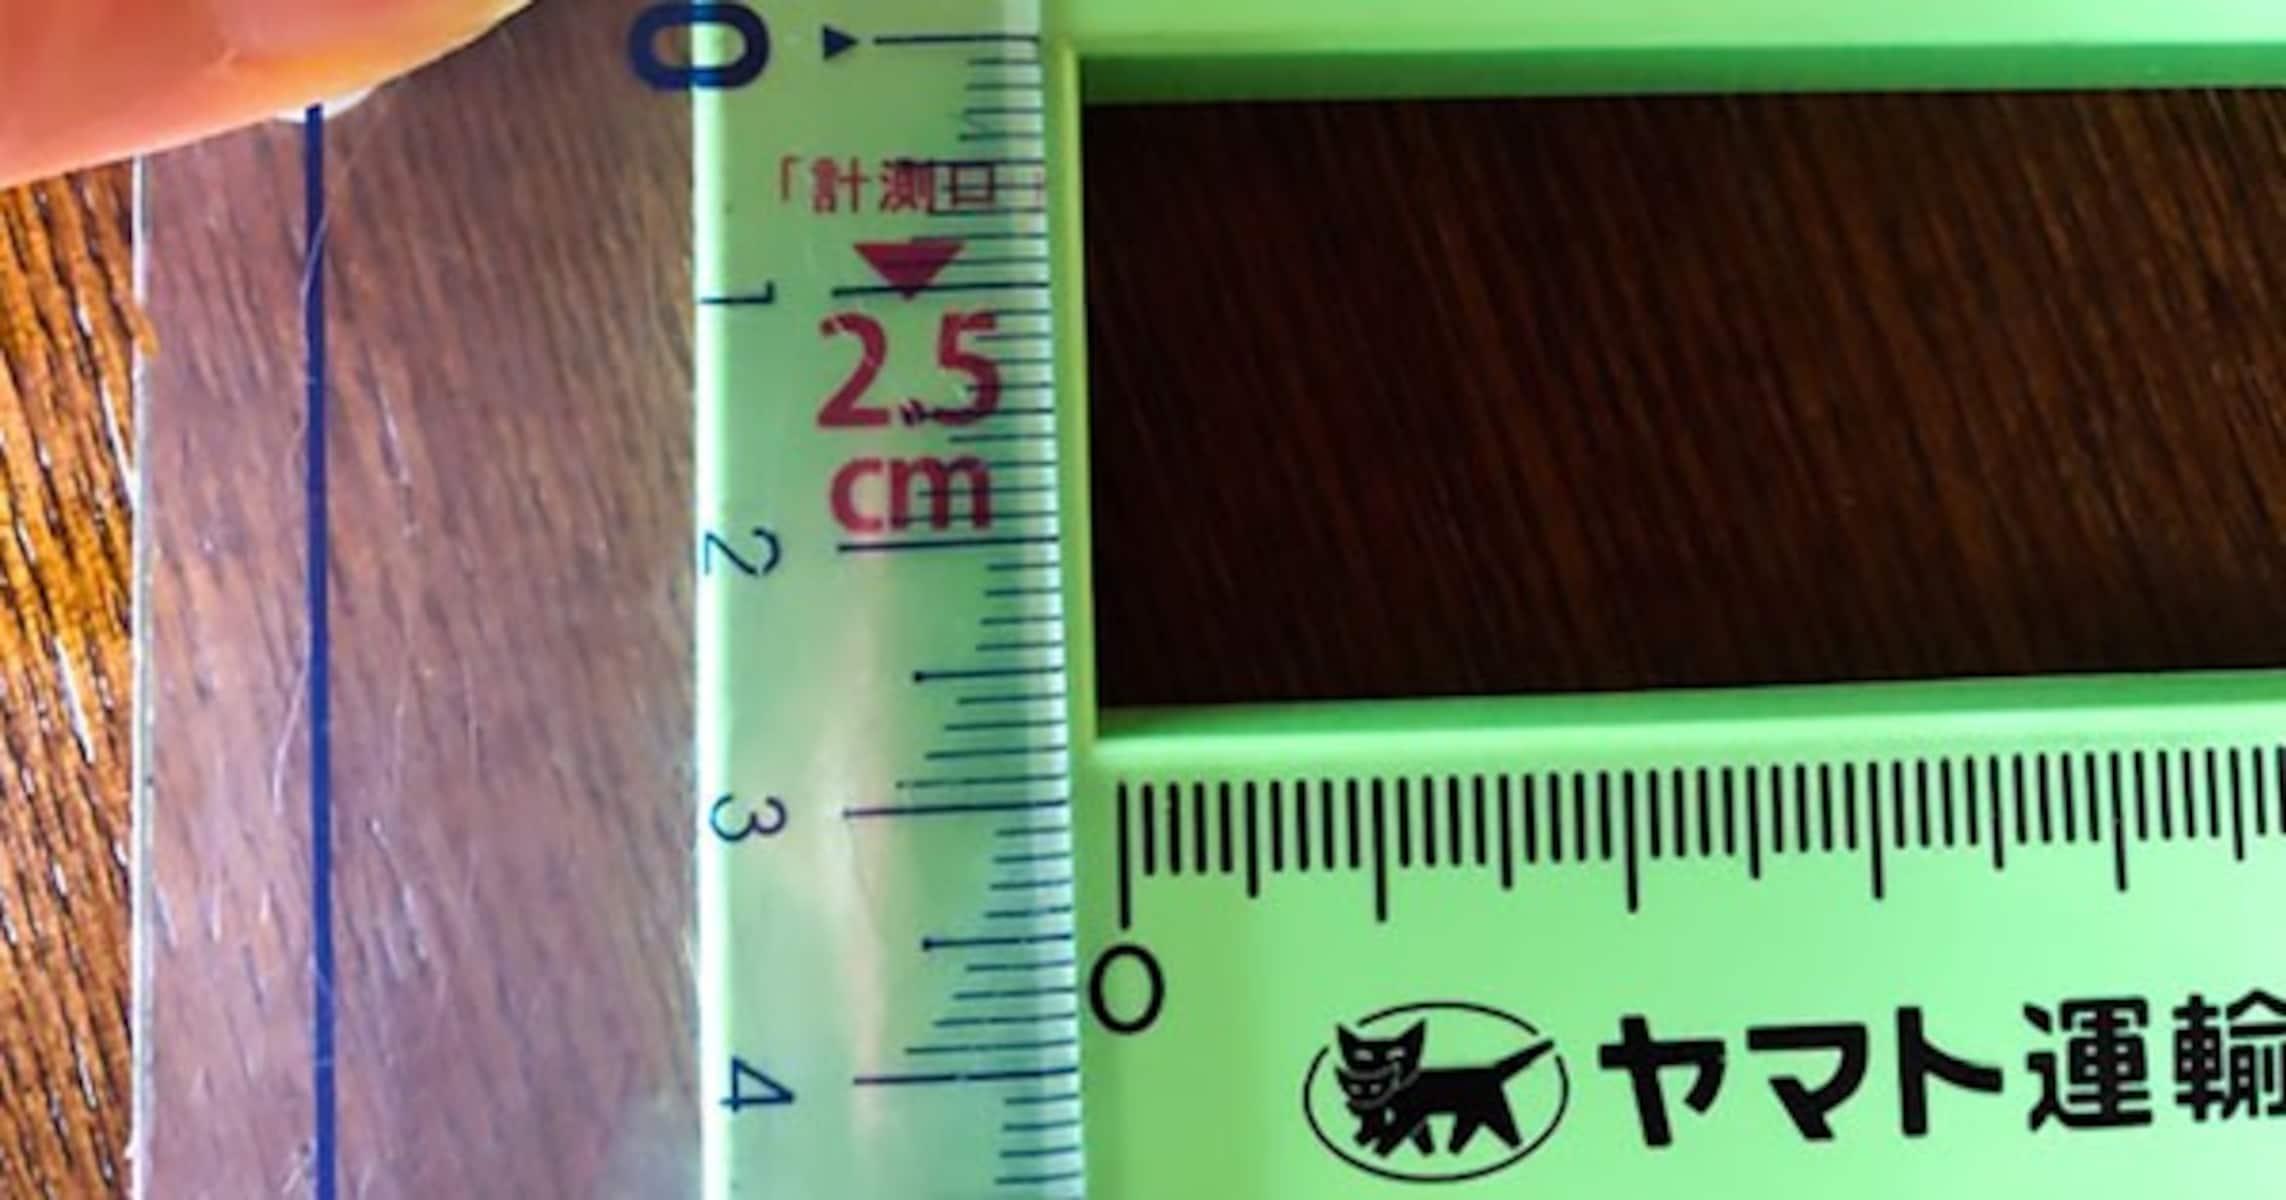 「2ミリ」にヤマト運輸の優しさを見た!ネコポスの厚み、本当は2.7センチ